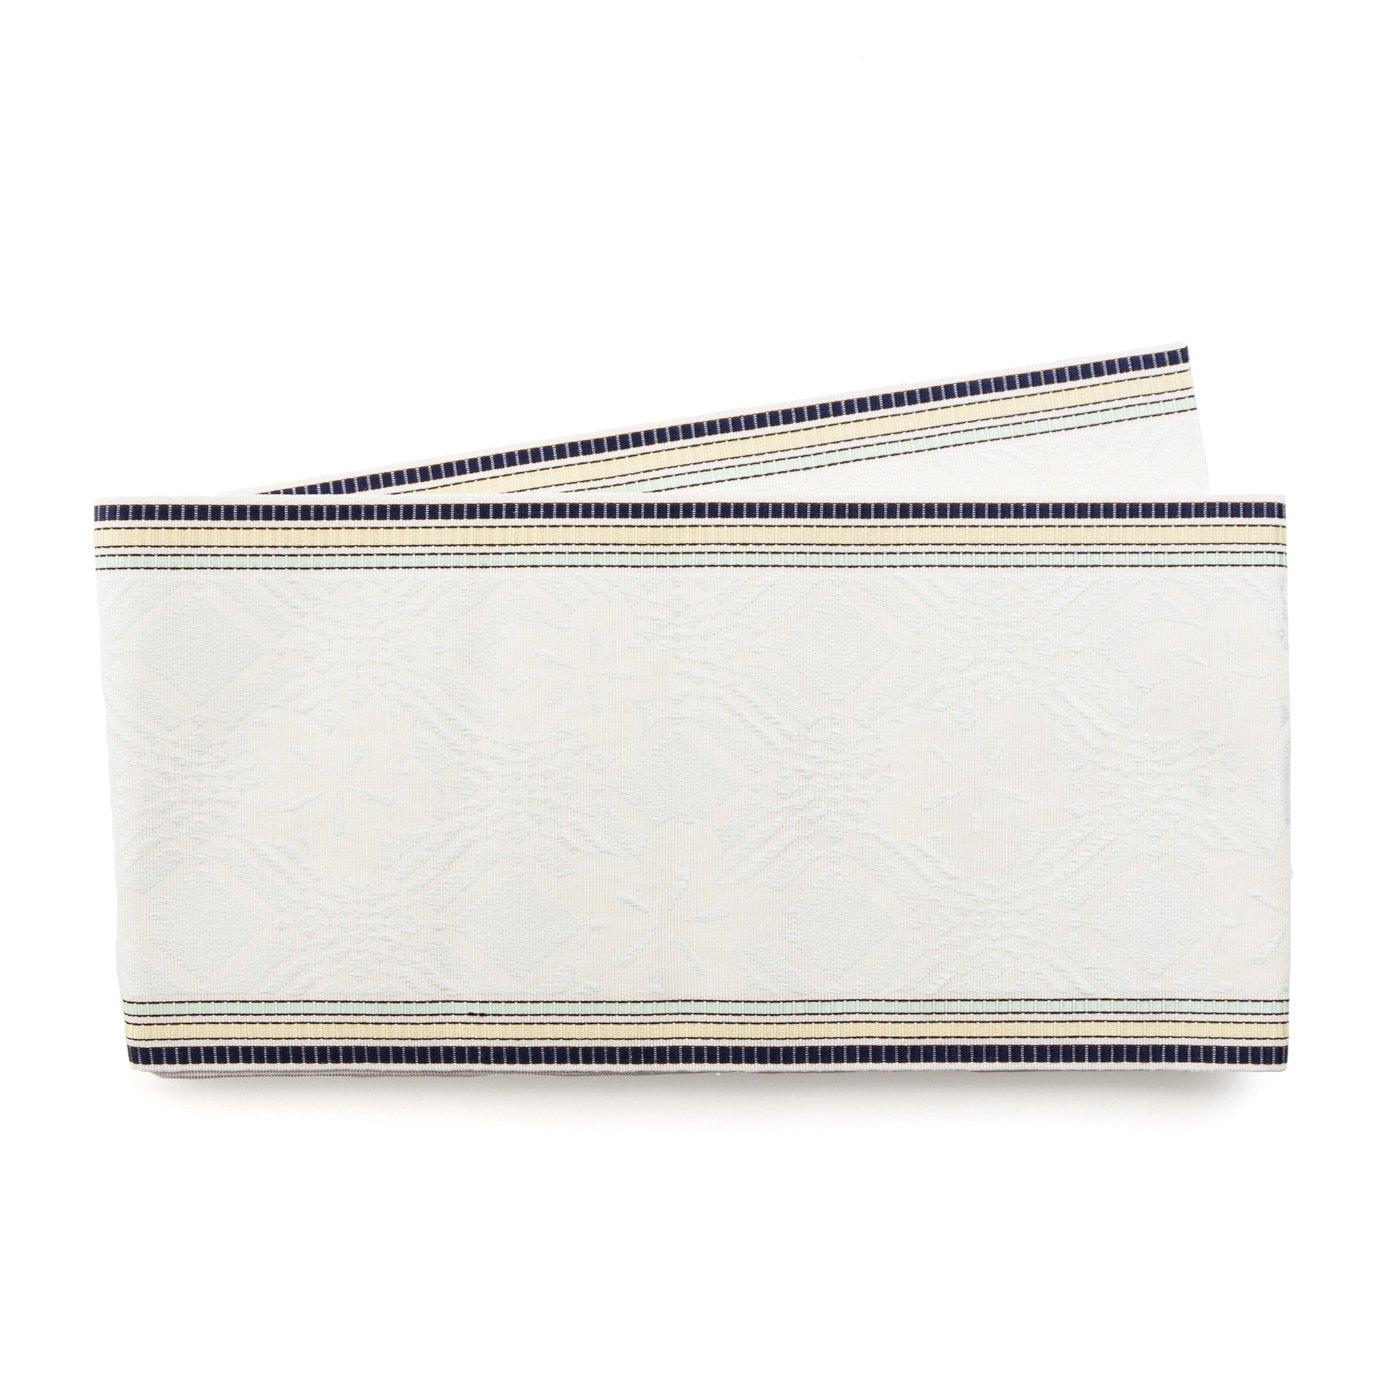 「博多小袋帯 桜 白」の商品画像